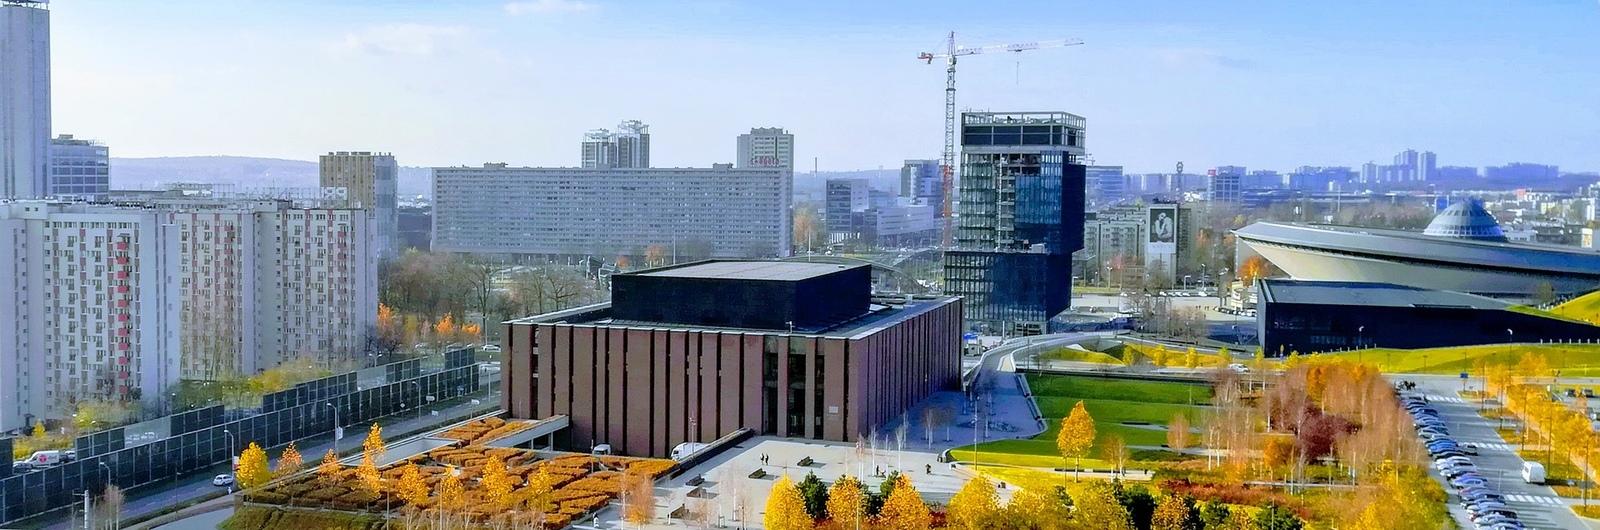 katowice city header